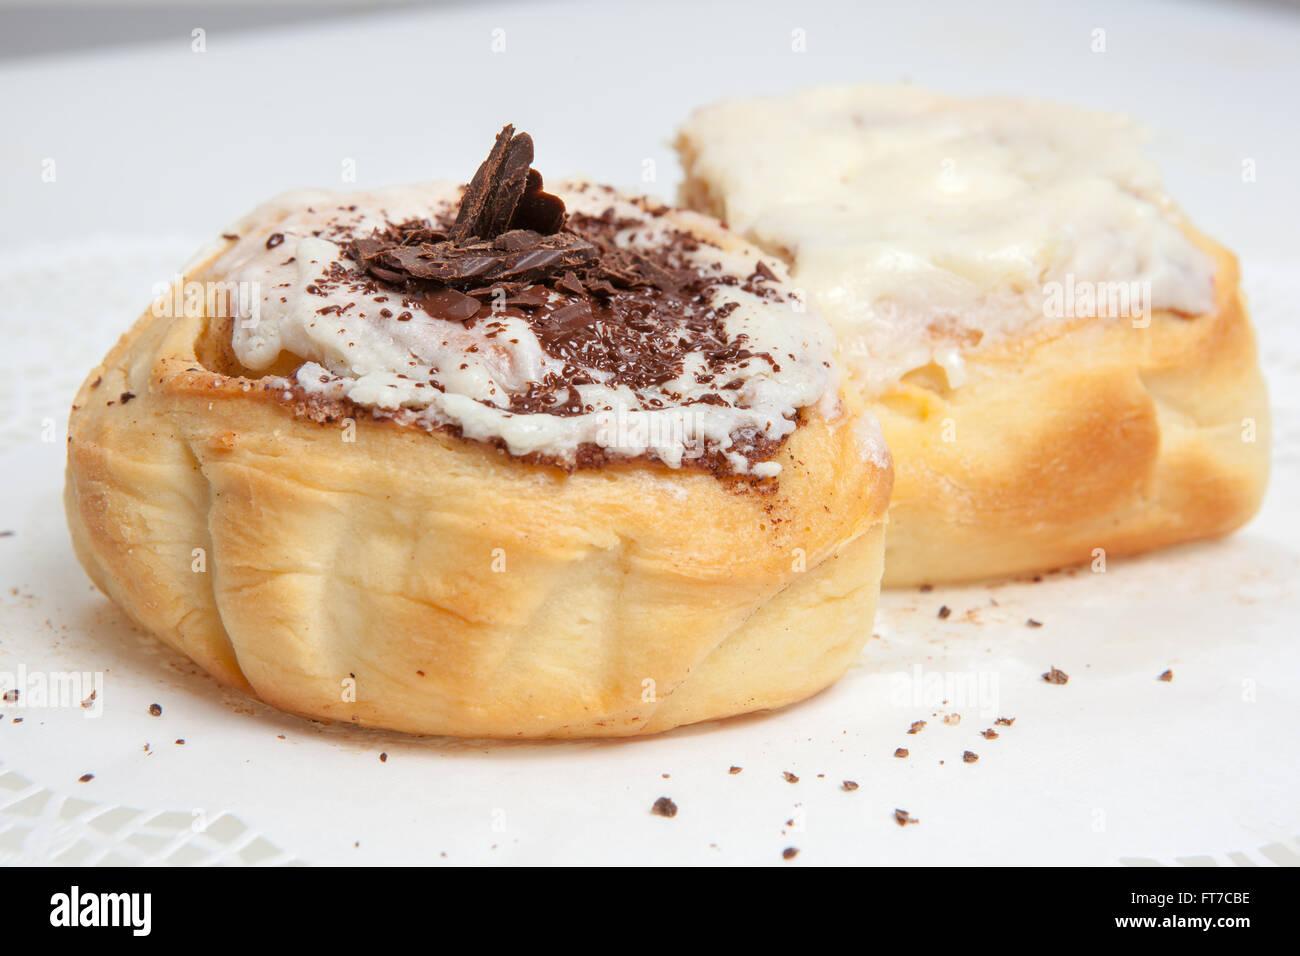 Käsekuchen, verschiedene Arten von Eis und Desserts für die Speisekarte des Restaurants und Cafés, Stockbild